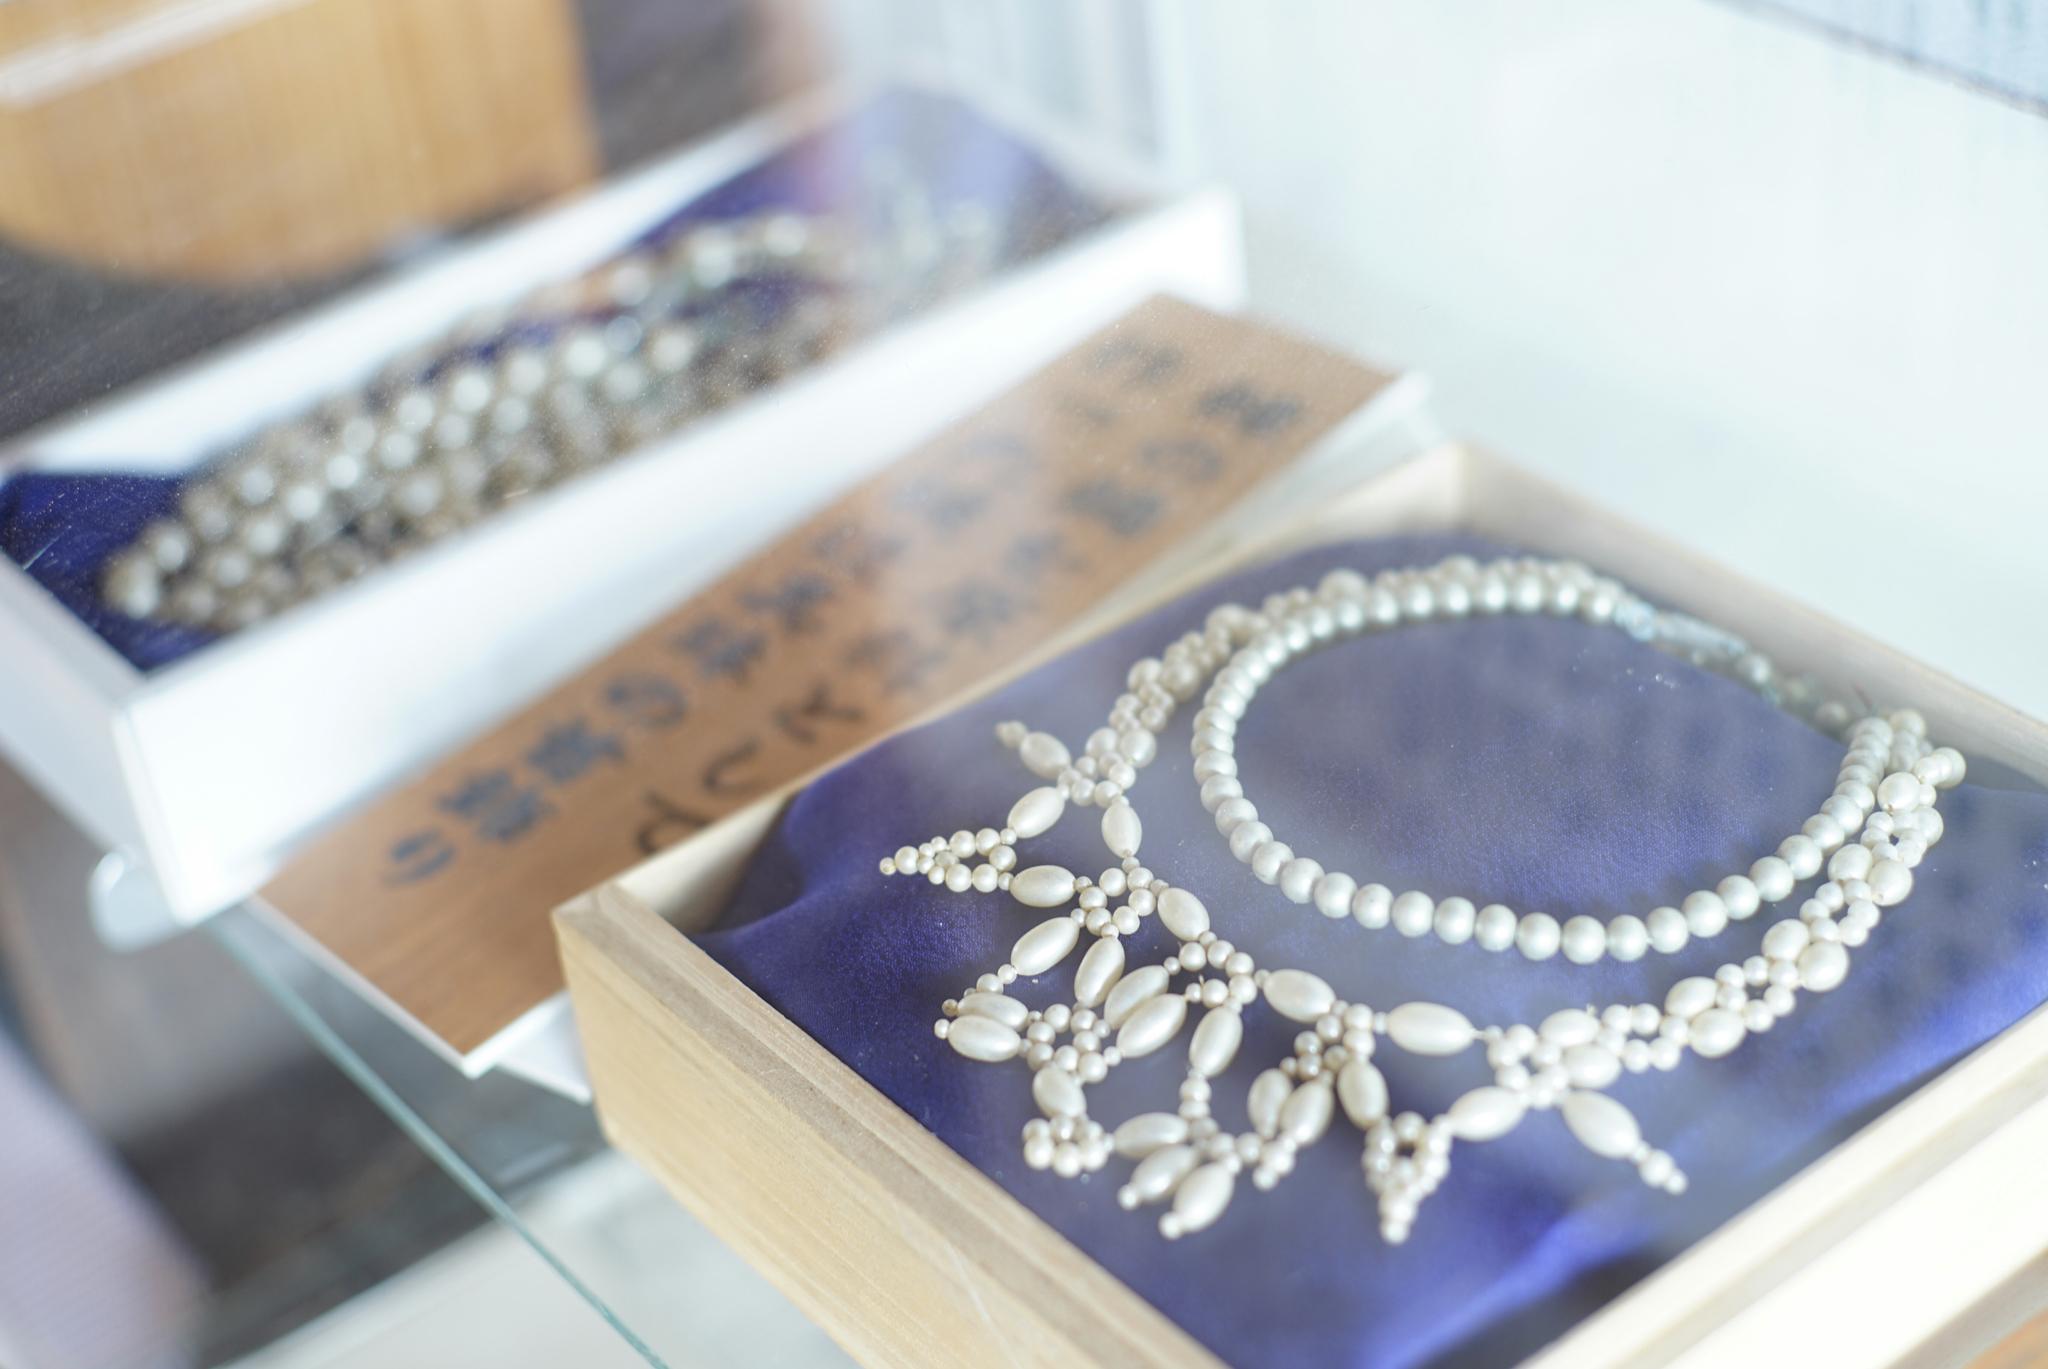 鰊の鱗を原料として作った模造真珠の首飾り